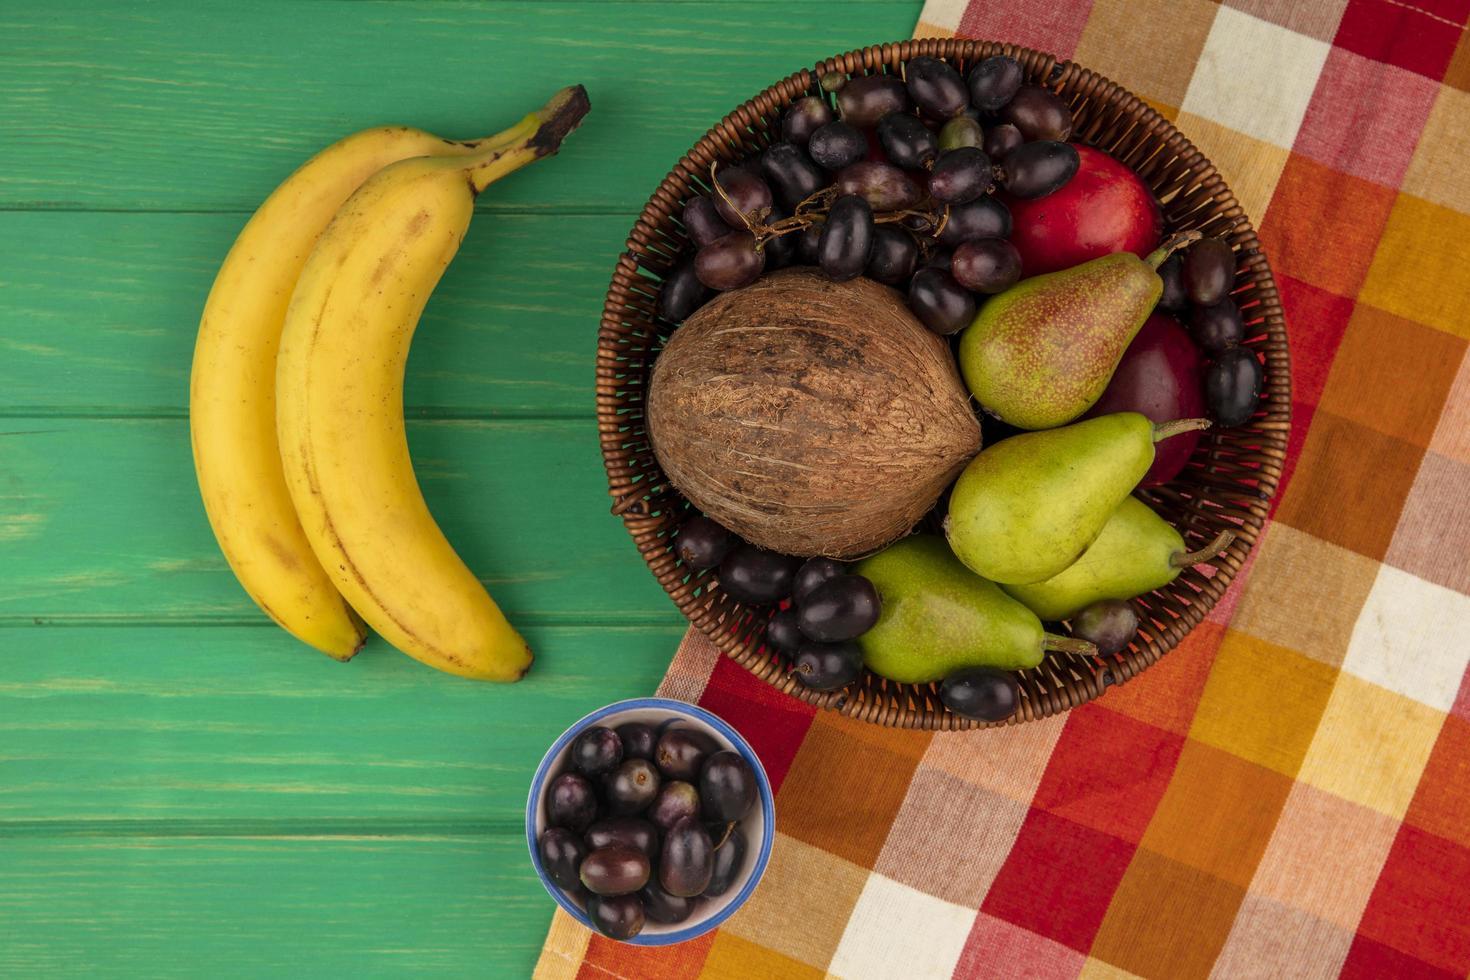 verschiedene Früchte auf Herbst und grünem Hintergrund foto